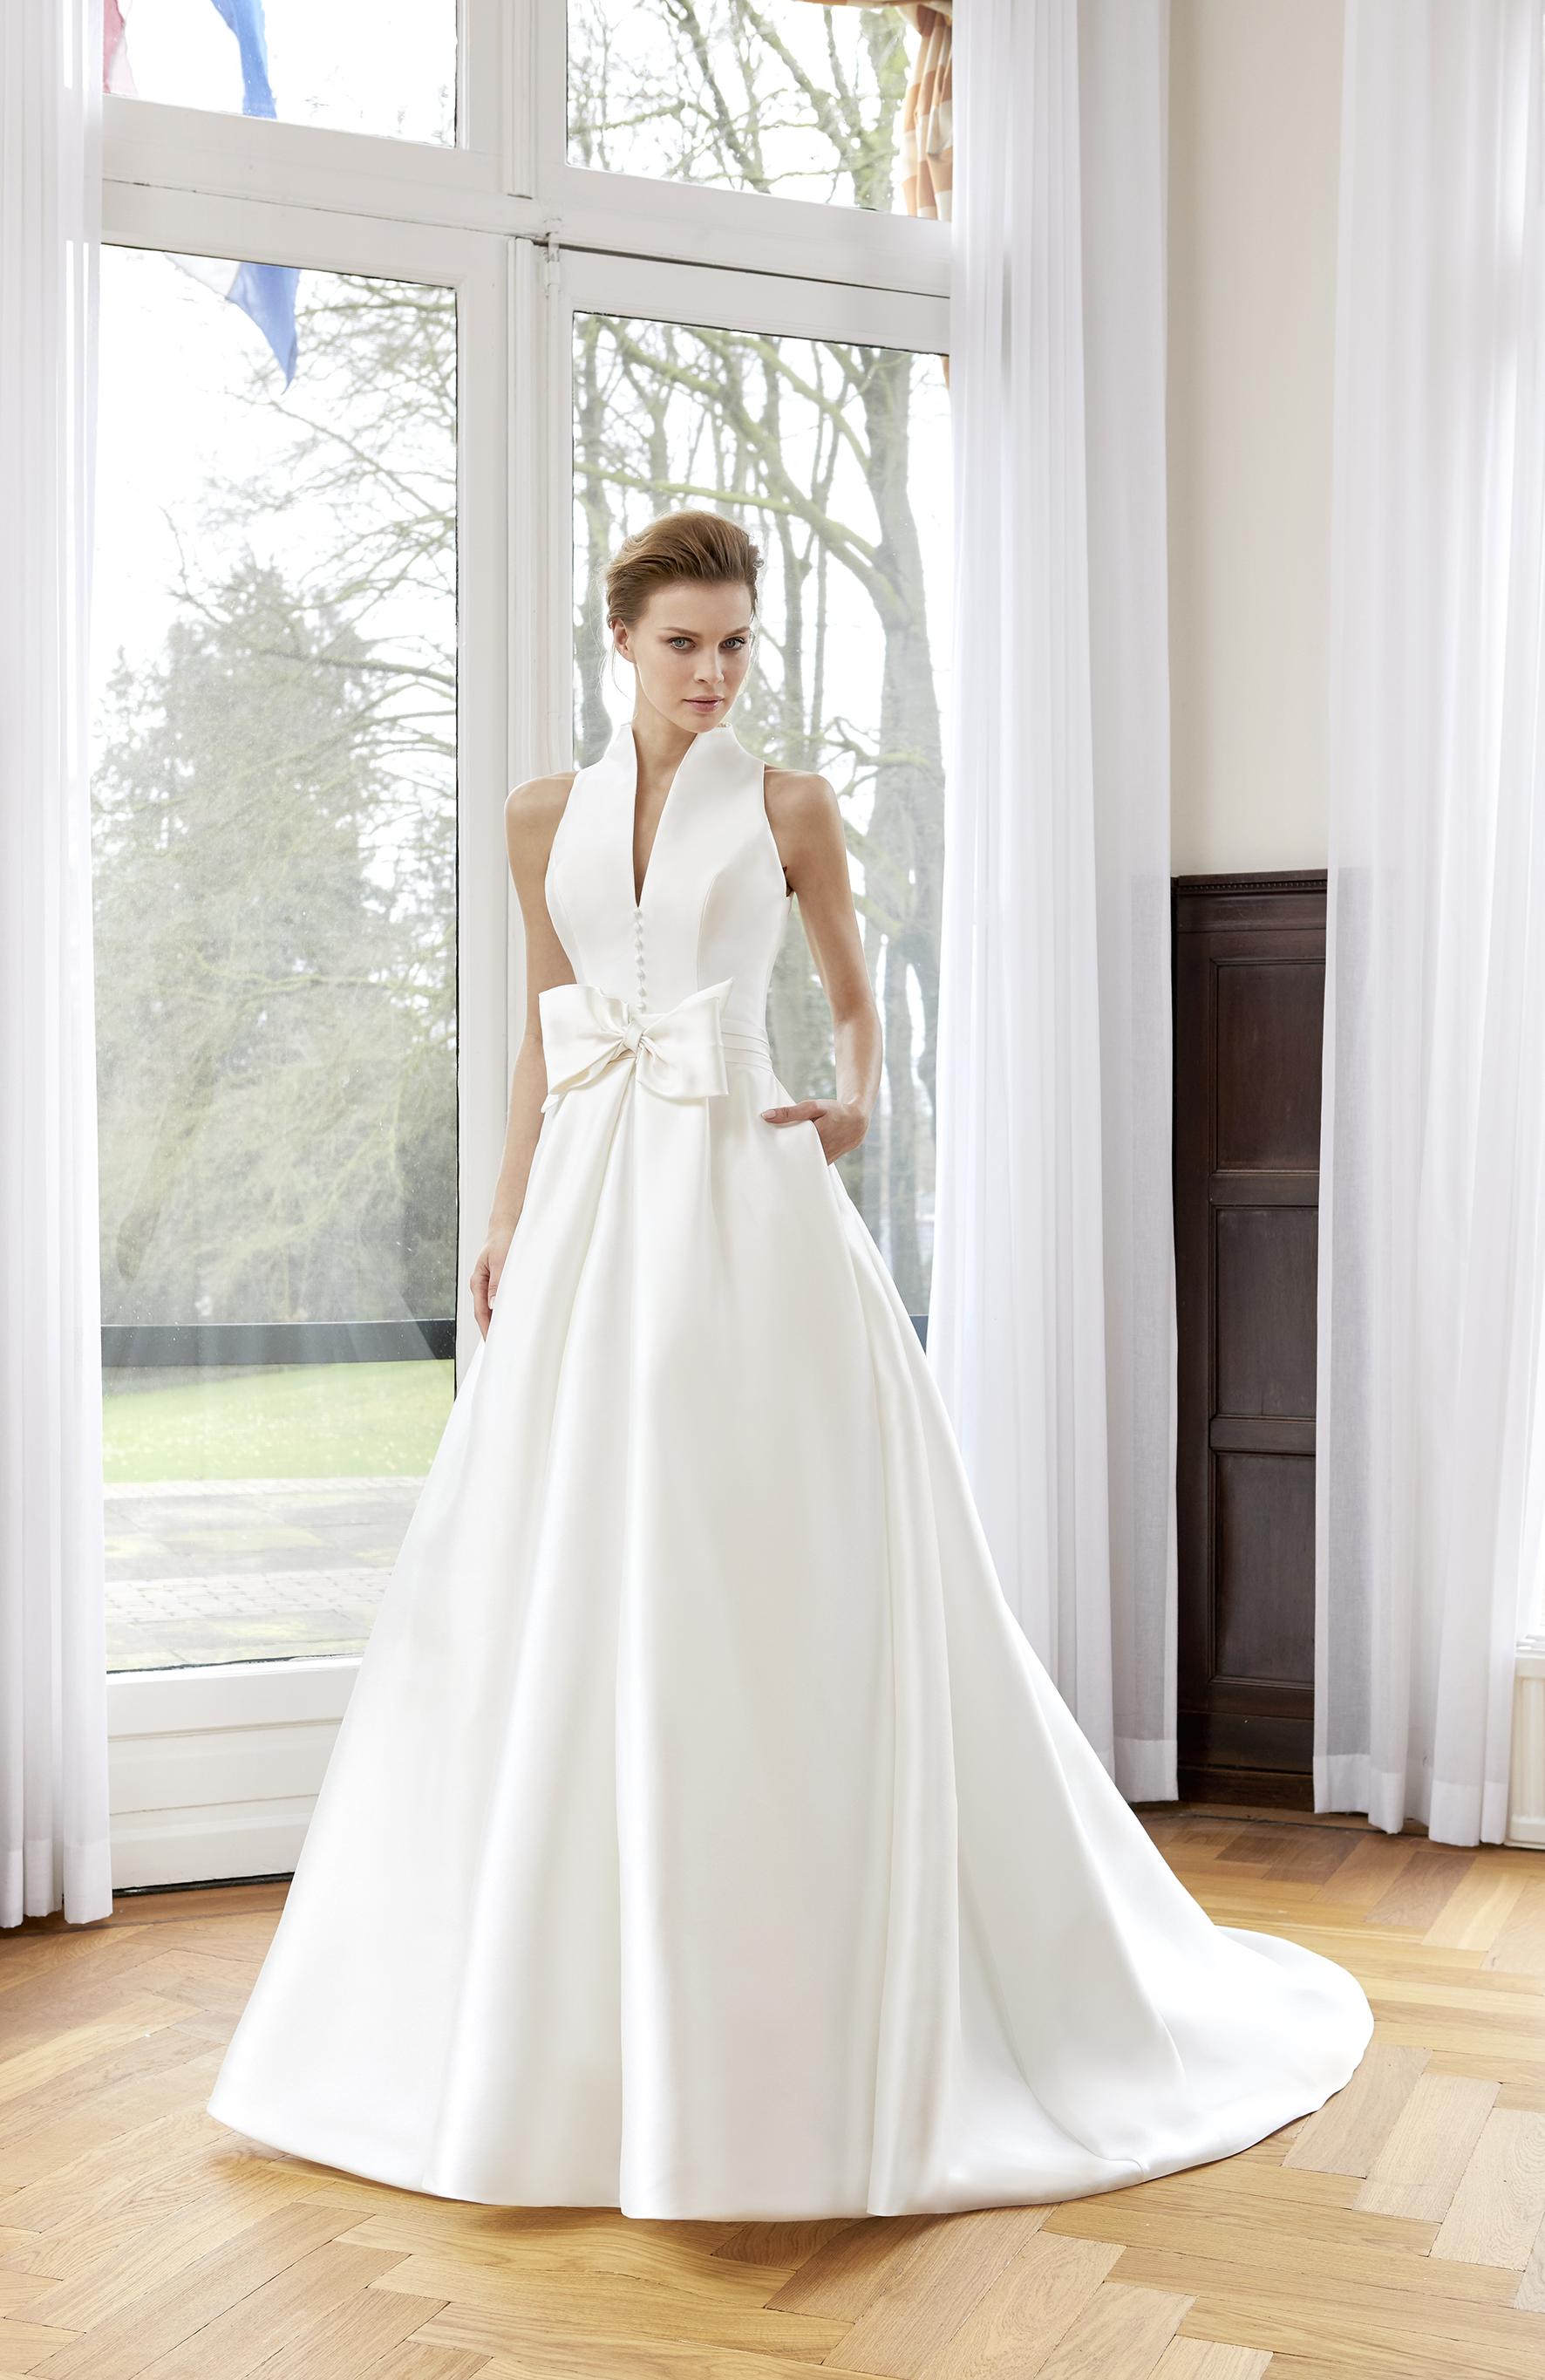 Das Modeca Brautkleid 2018 - Heiraten & Hochzeit